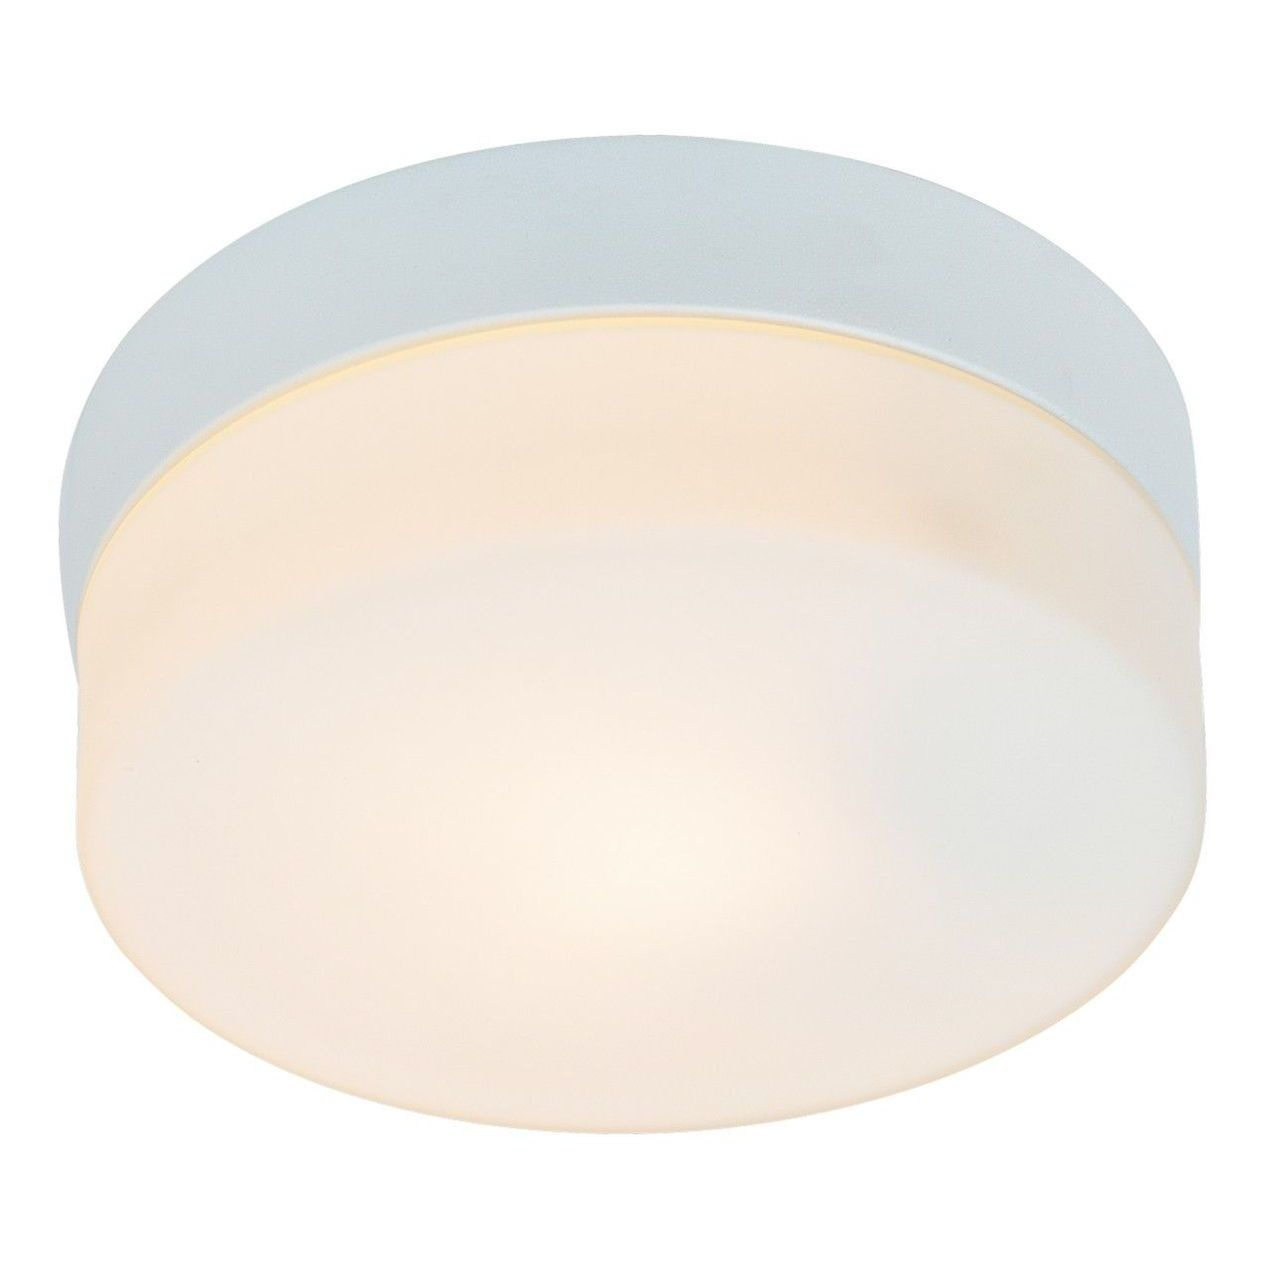 Светильник потолочный Arte Lamp A3211PL-1WH